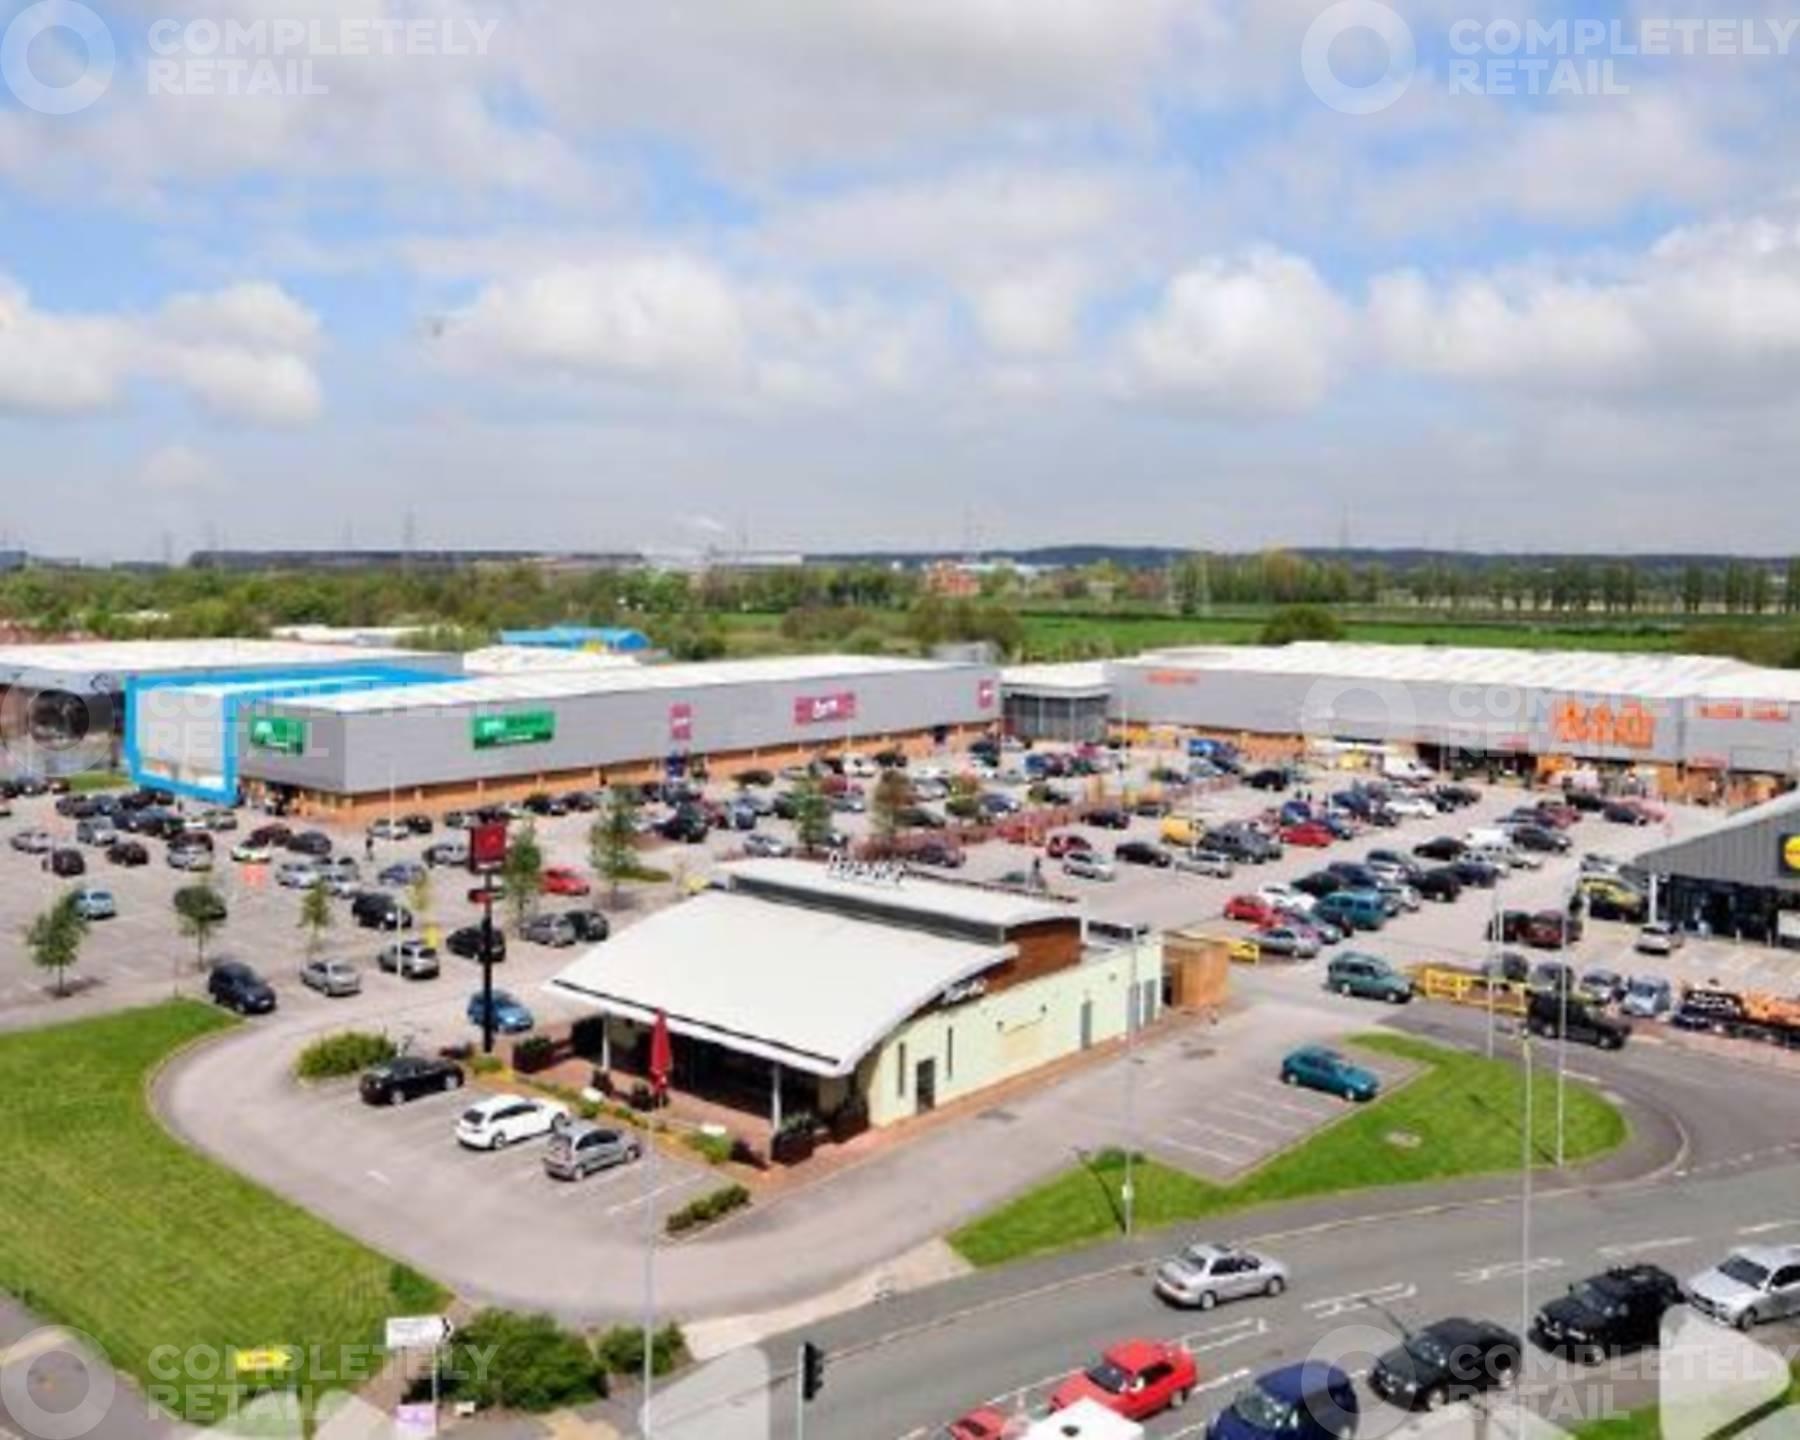 Deeside Retail Parc